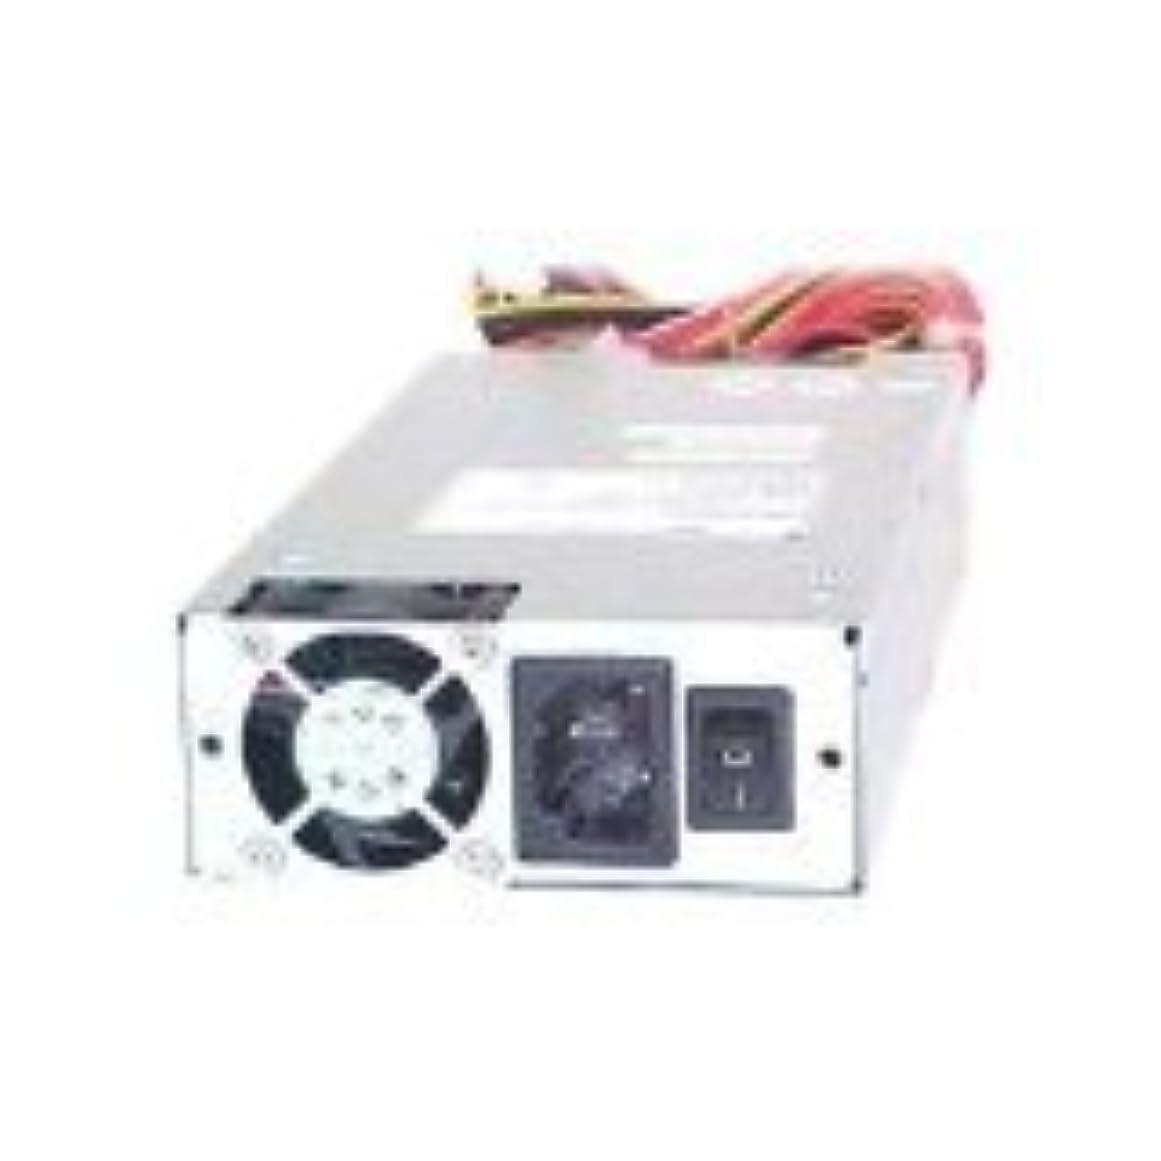 懇願するニュージーランド収束250W 1U Power Supply 80PLUS with nk withpfc W/io Bb Fan Rohs [並行輸入品]